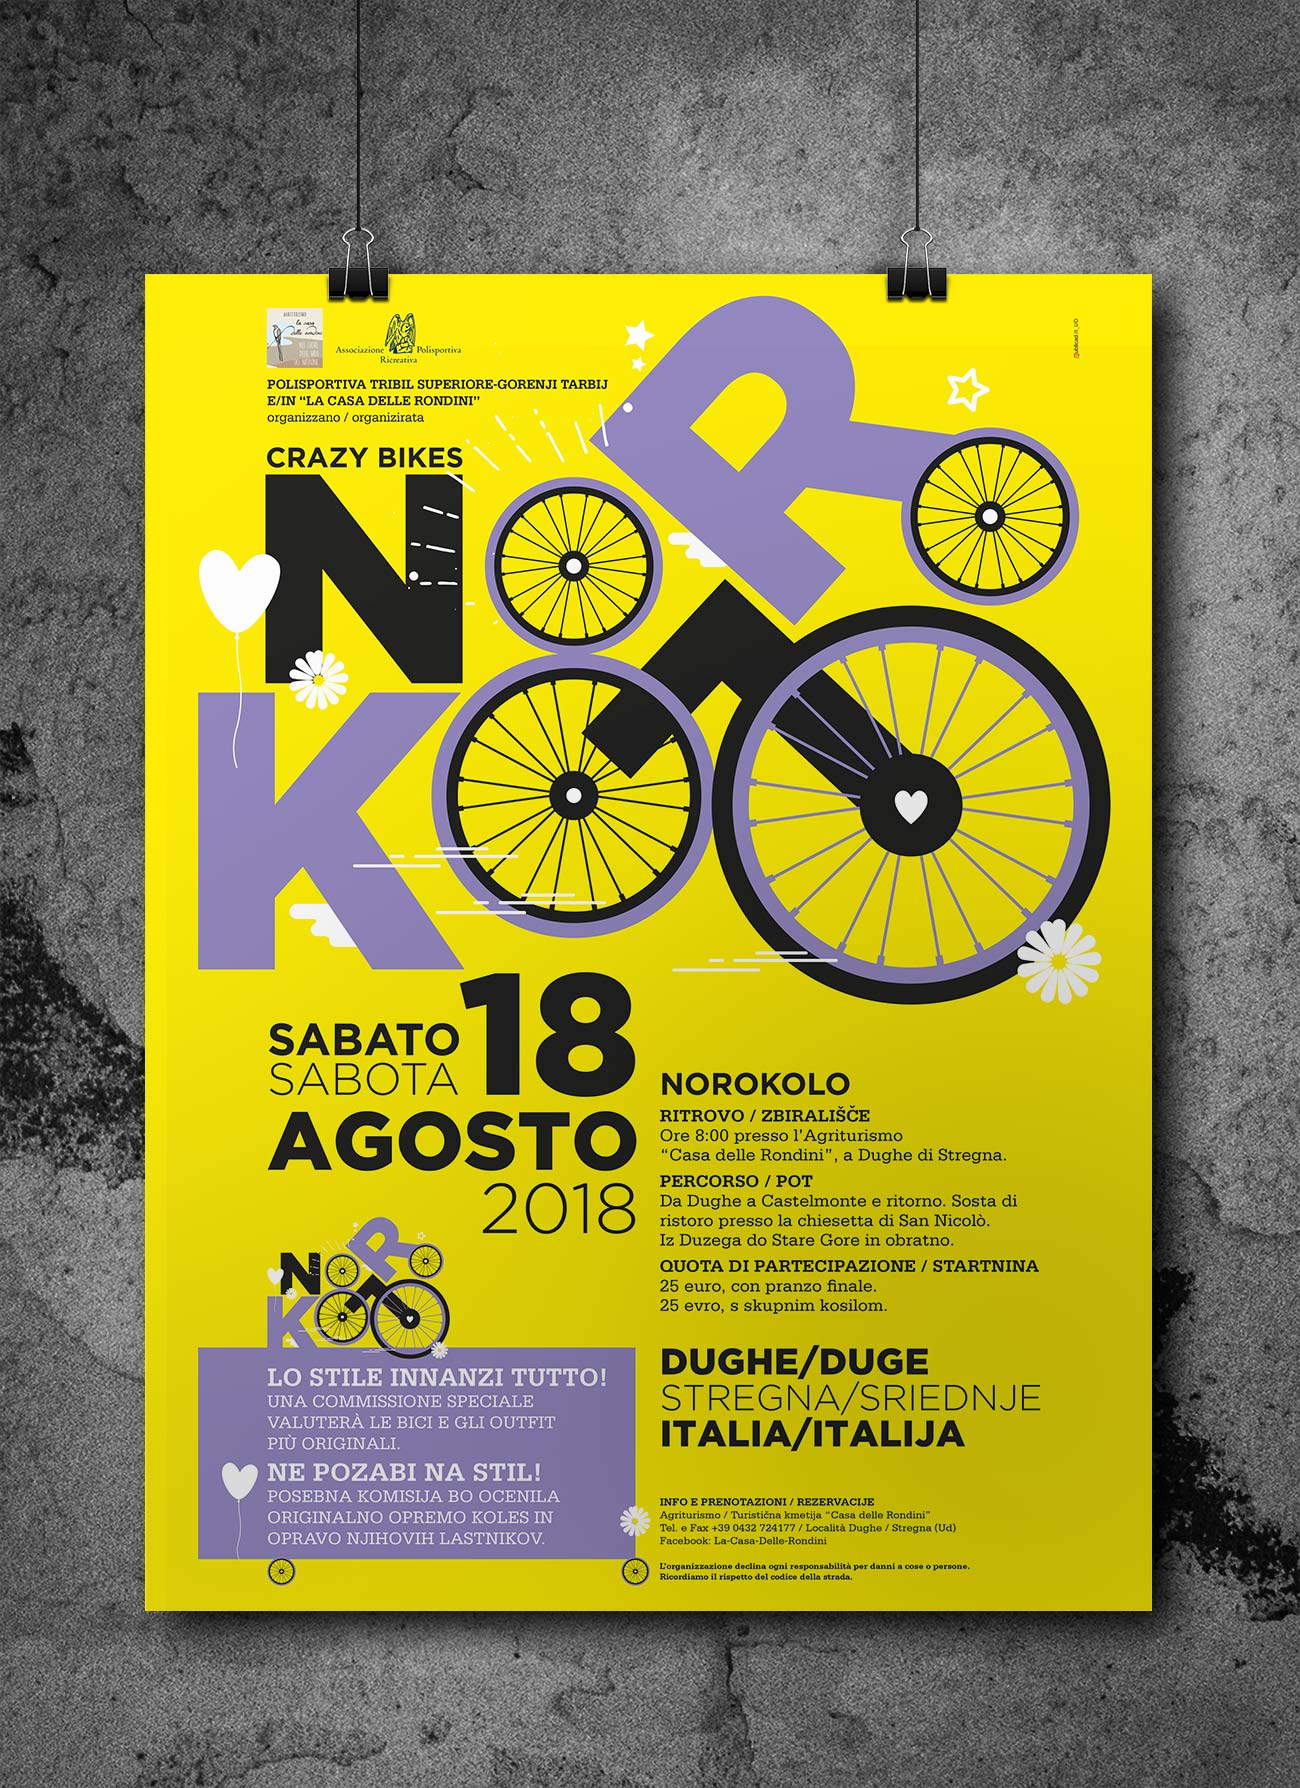 Evento Noroloko Crasy Bikes nel comune di Stregna